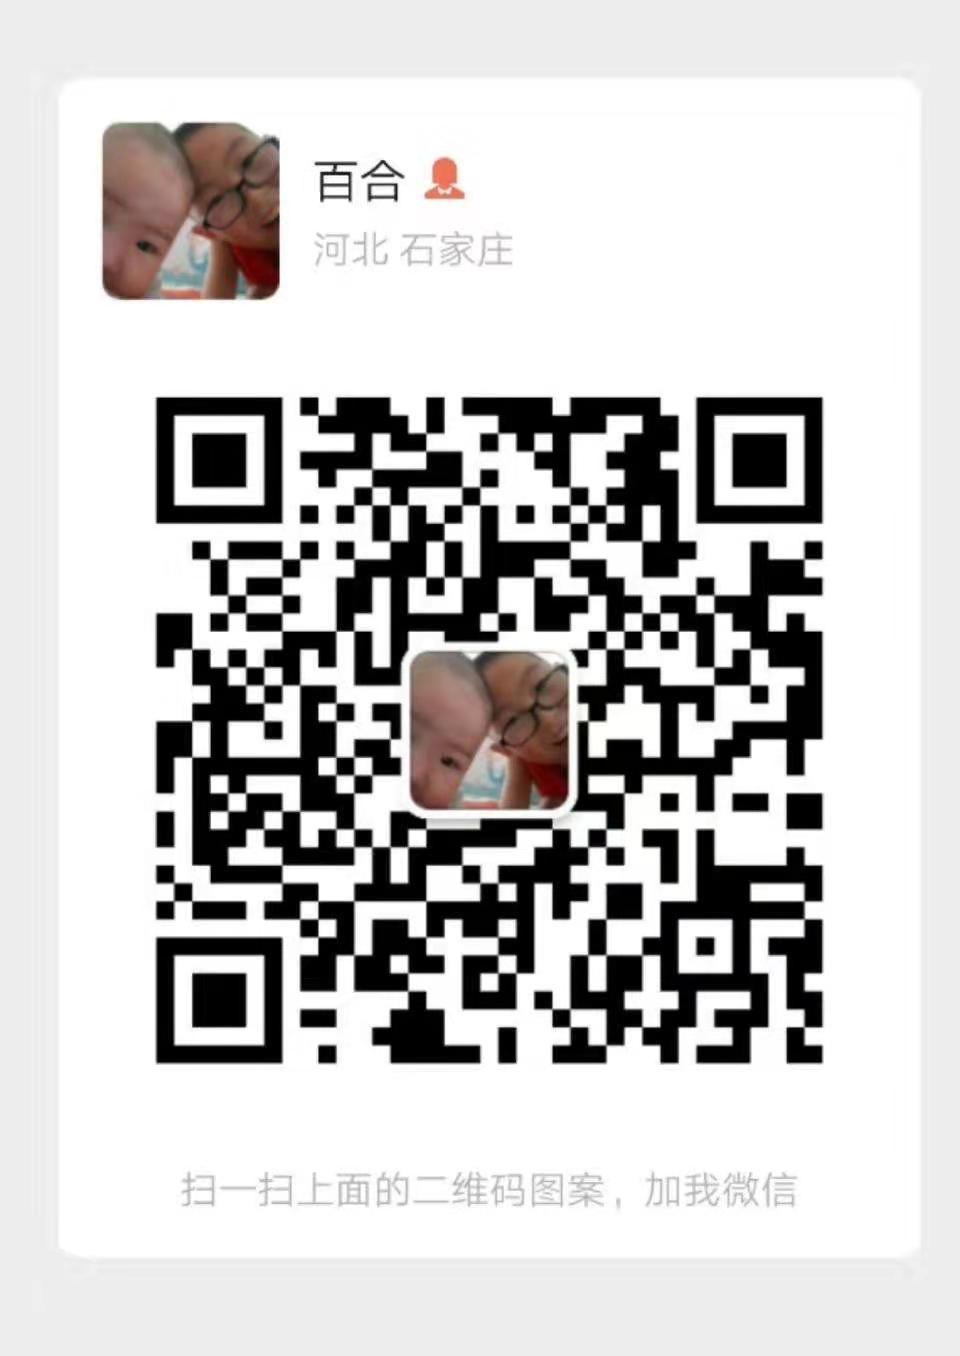 巴巴象医护级臻芯系列纸尿裤招<a href=http://2s6.cn/wschuangye/ target=_blank class=infotextkey>微商</a>代理?从哪里发货?